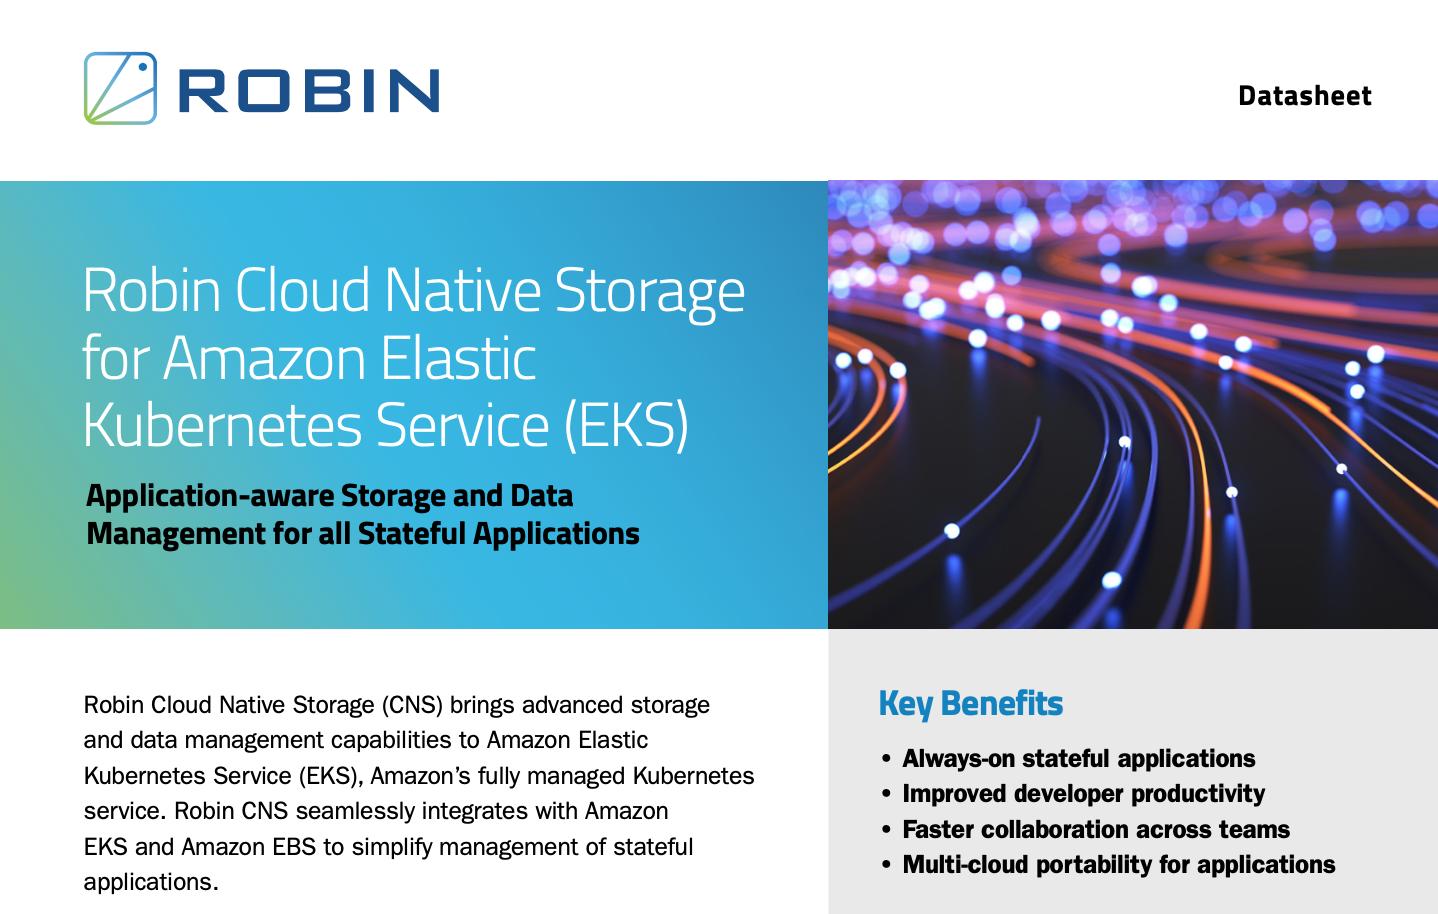 Robin Cloud Native Storage for Amazon EKS